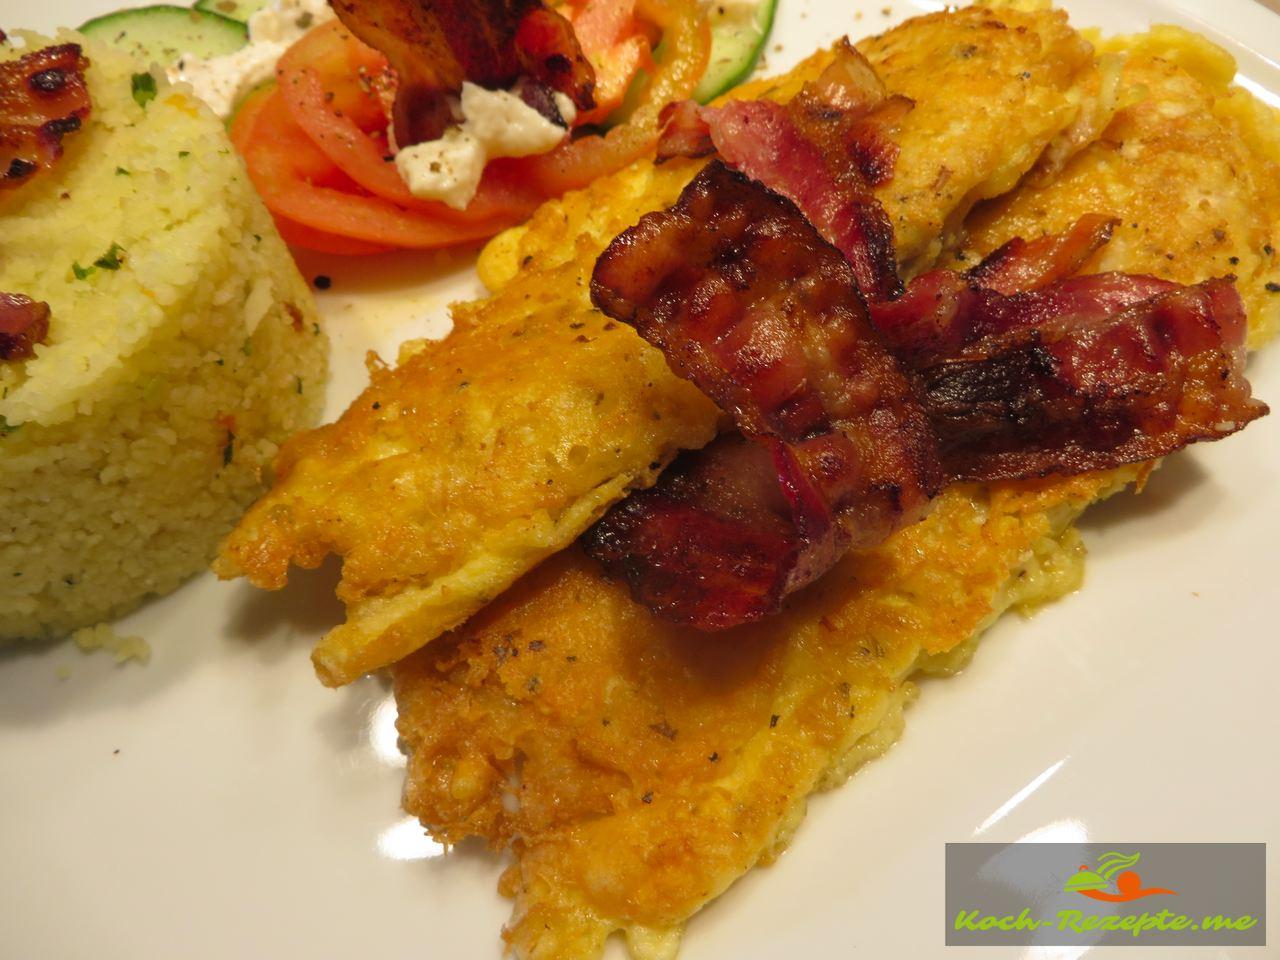 Plattfisch Pecorino Ei Panade mit Vegetable Couscous und Bacon.